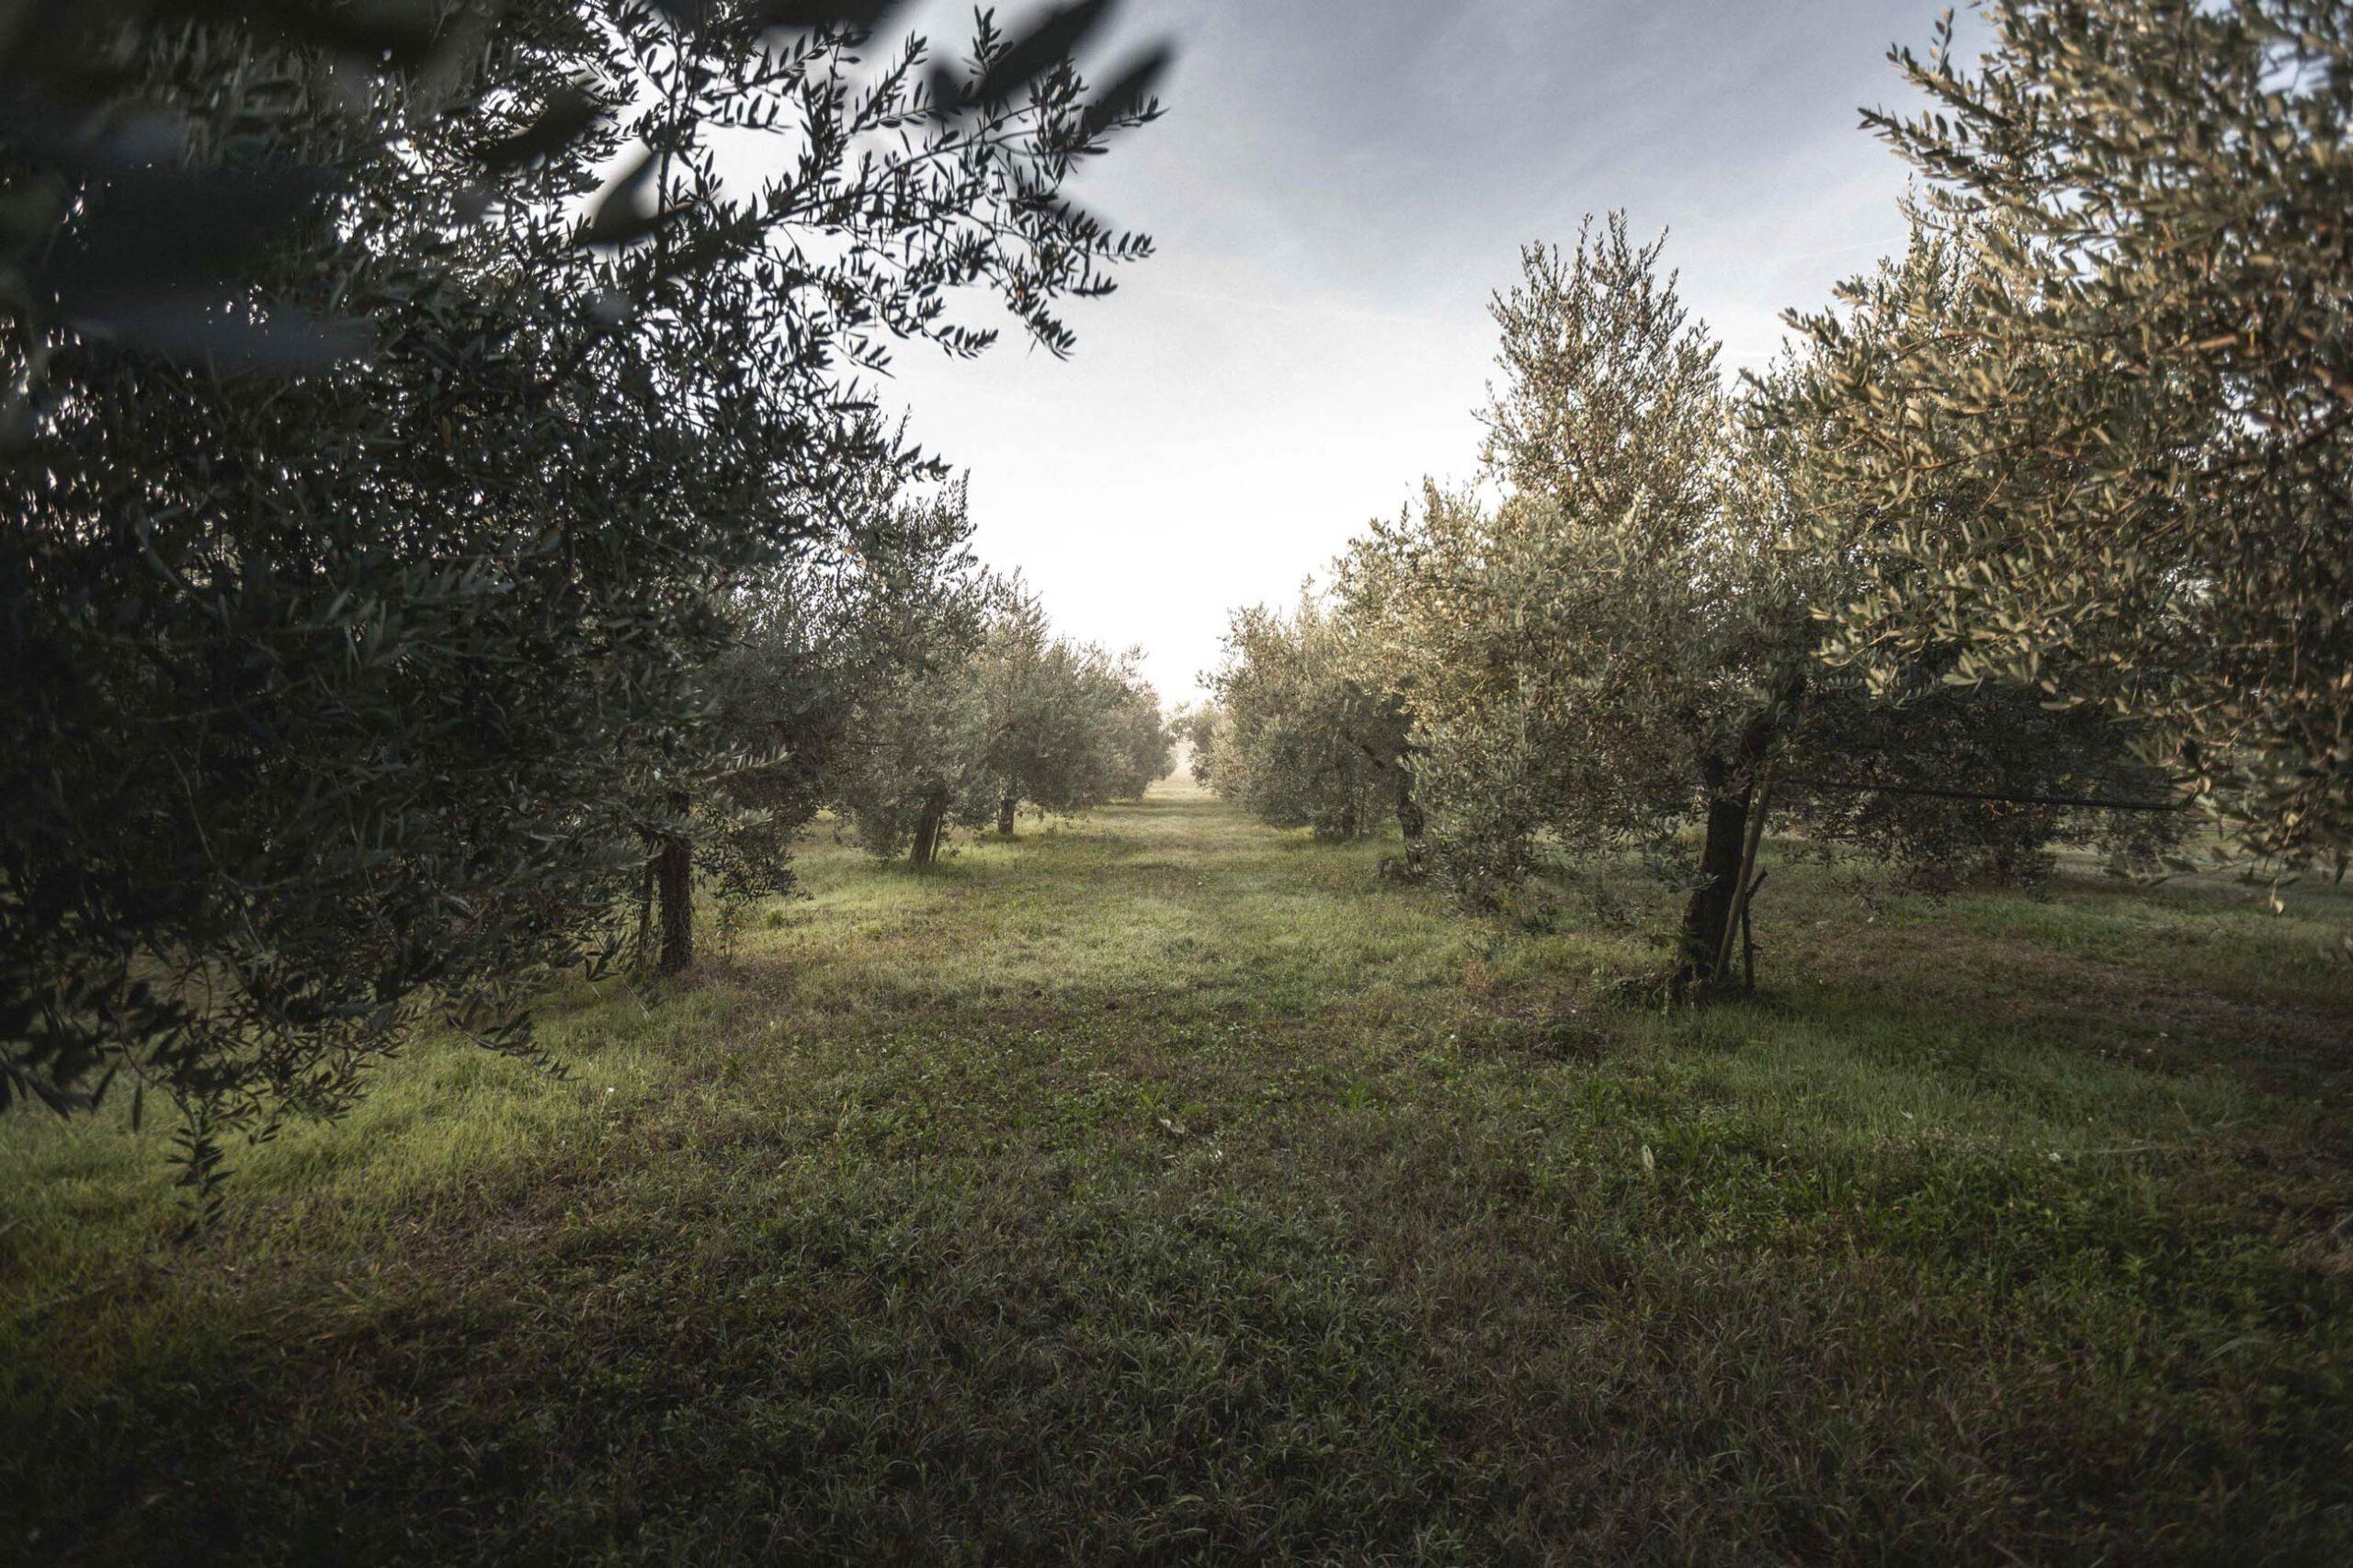 La sostenibilità nell'oleocultura: intervista a Peter Pan